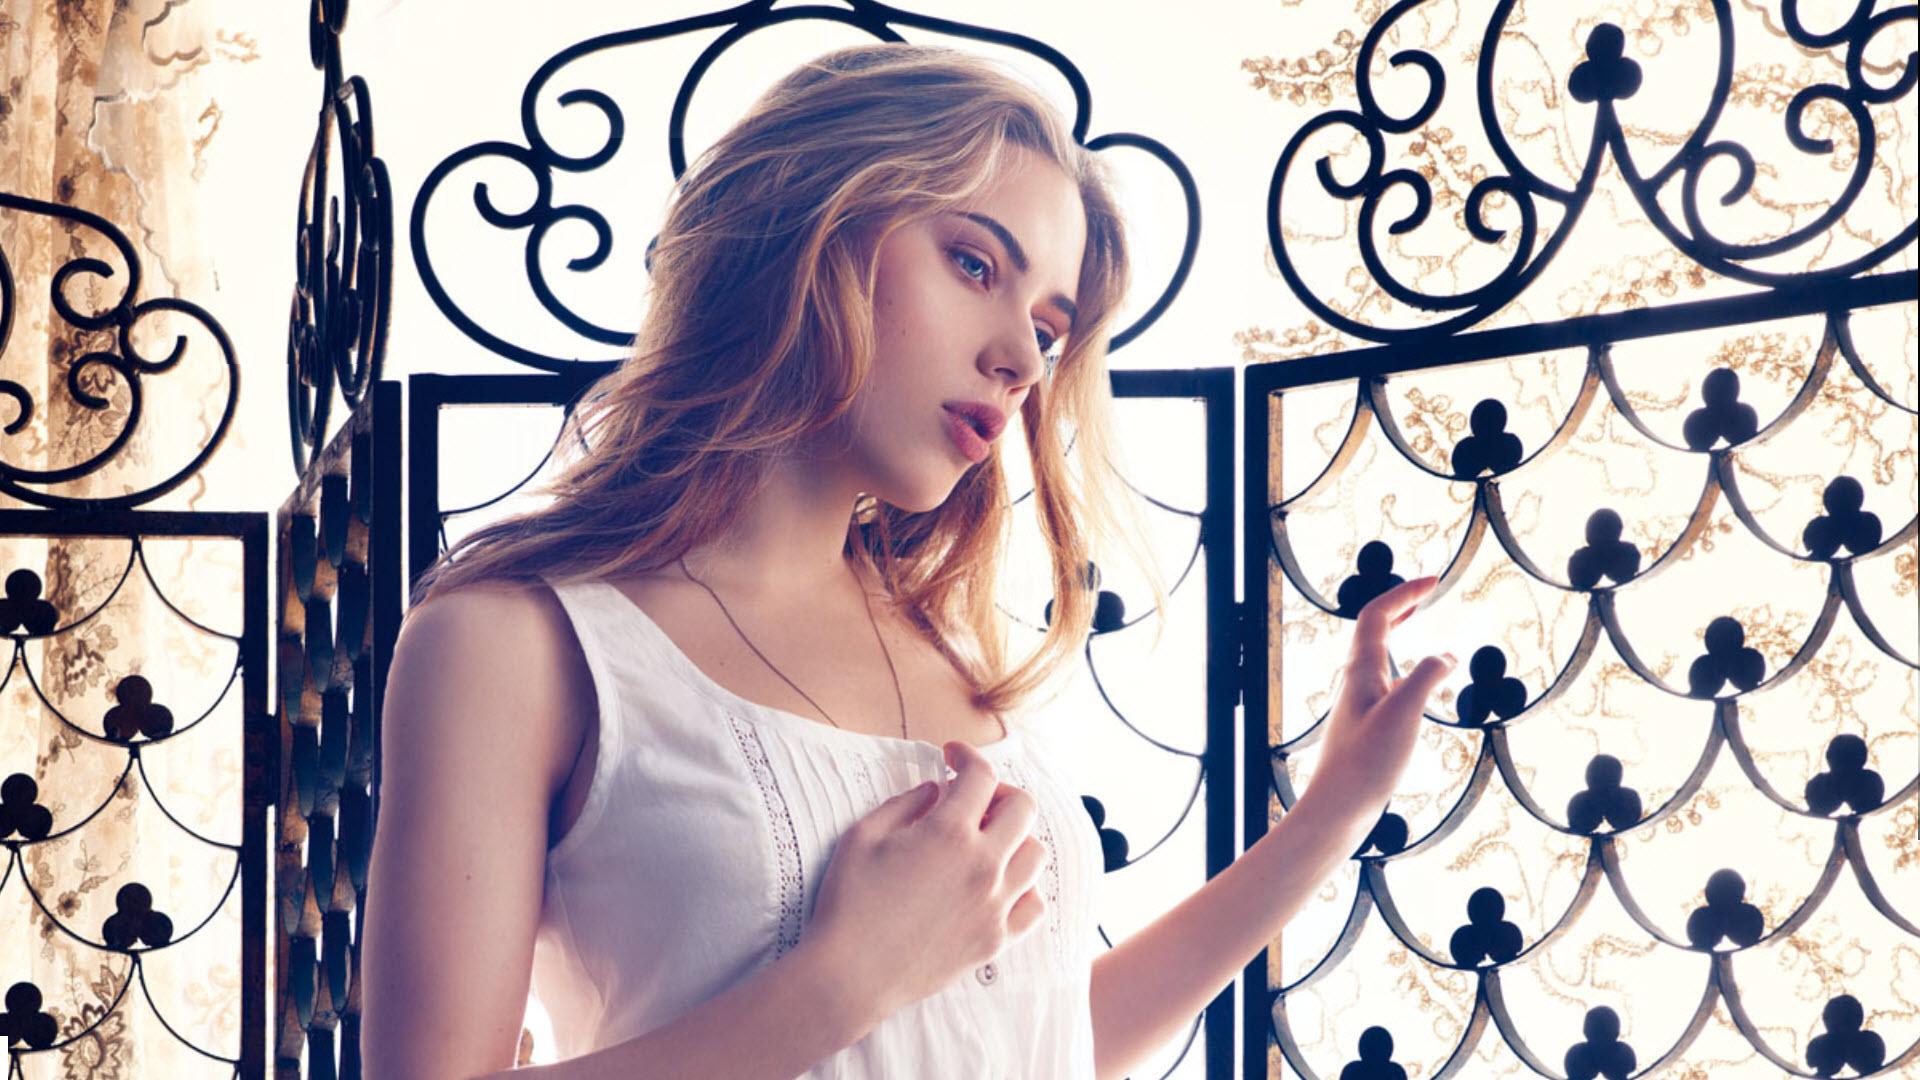 Beautiful Scarlett in HD wallpaper